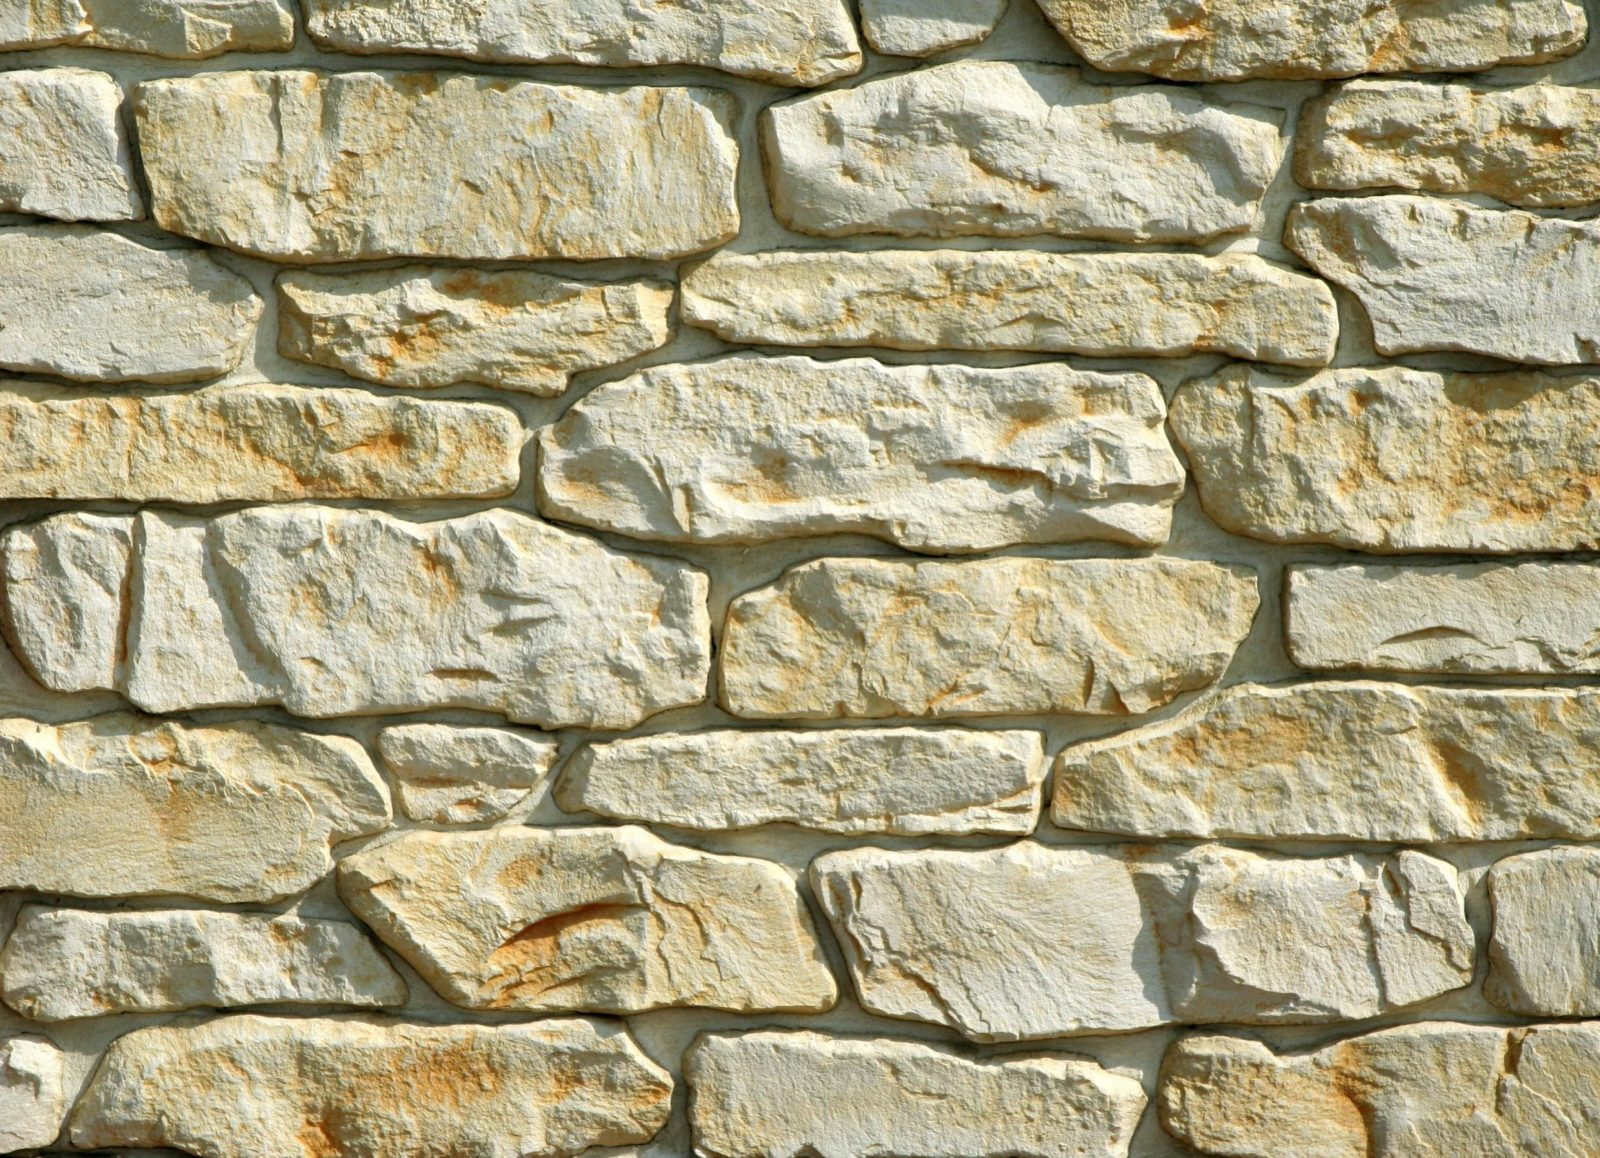 Riemchen Klinker Innen Wandverkleidung Auaen Kunststoff Einzigartig von Wandverkleidung Steinoptik Innen Kunststoff Bild